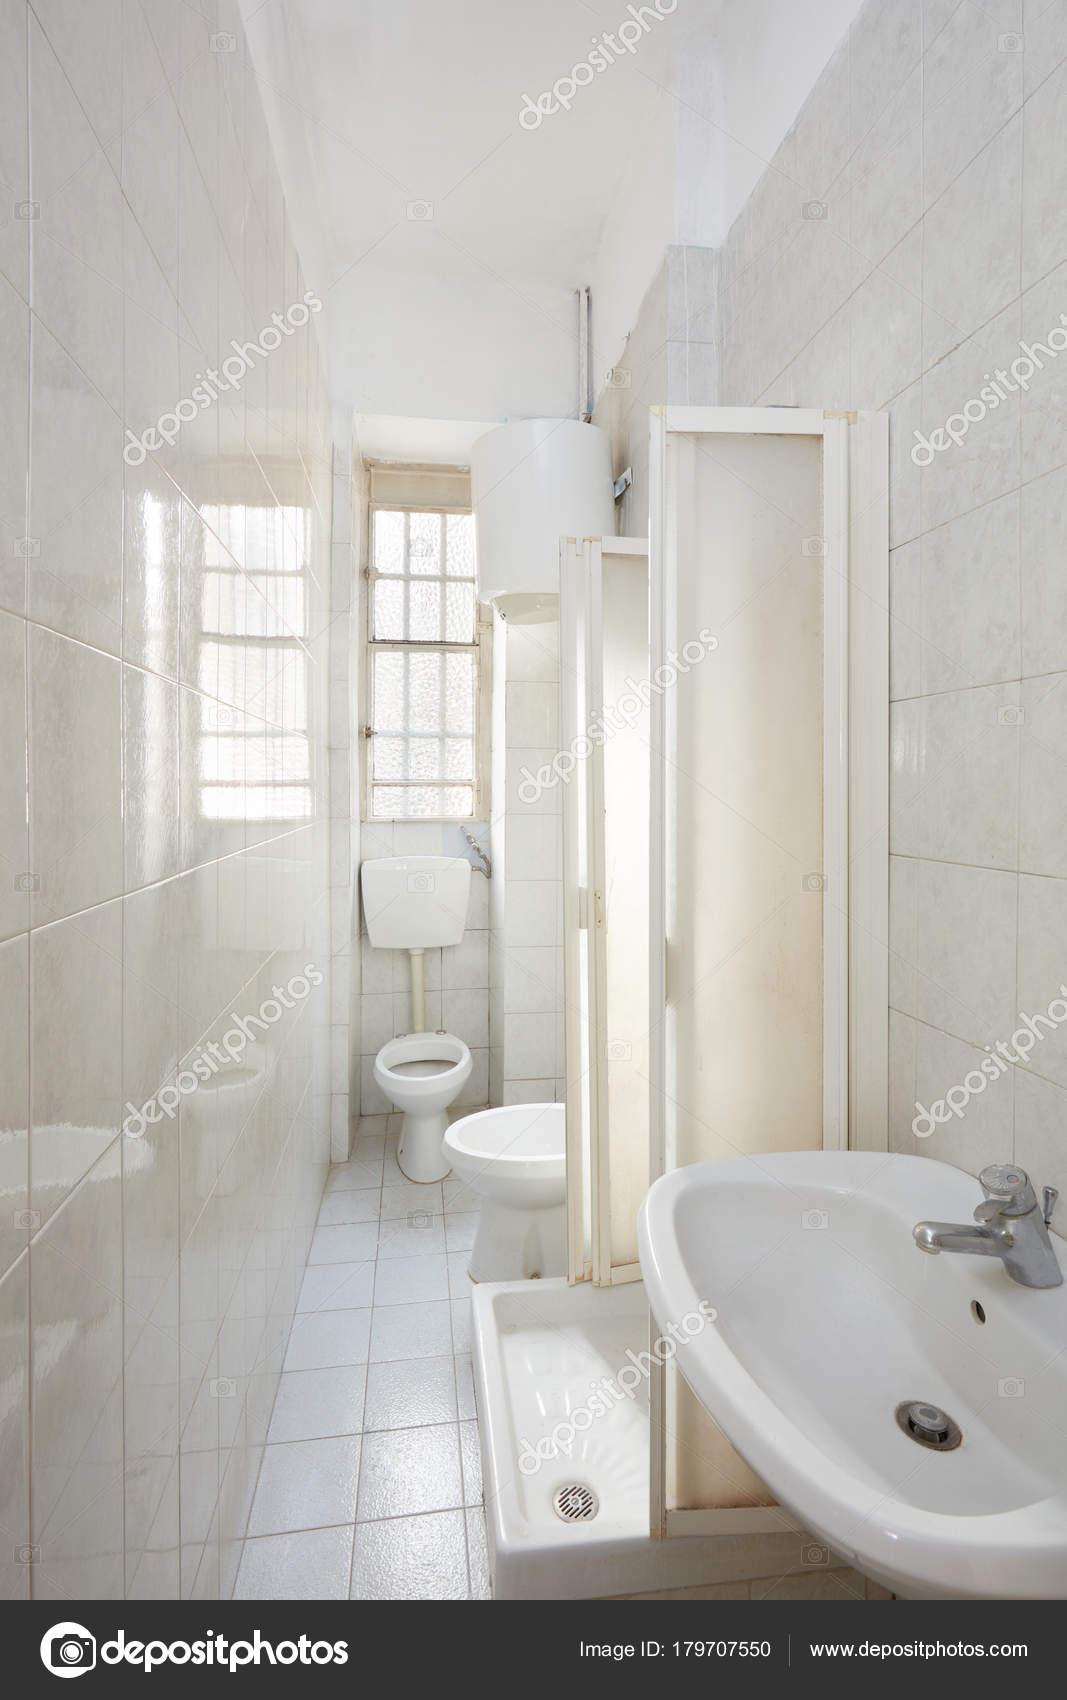 oude badkamer interieur met tegelvloer muren europa stockfoto